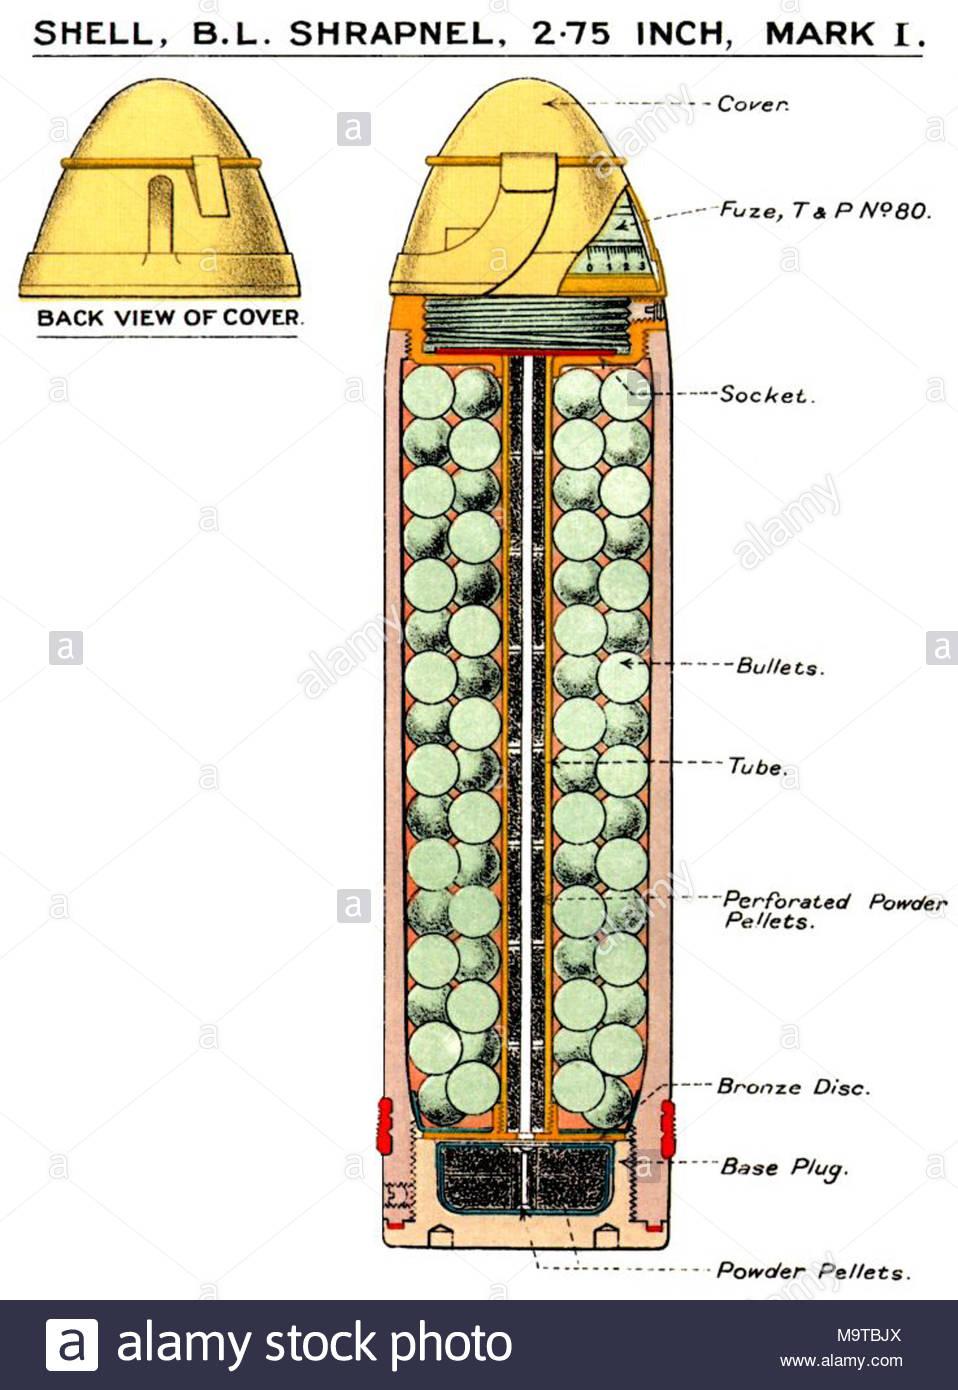 Diagramm Der Mk I Schrapnell Sfur Britische Bl 275 Zoll Mountain Gun Lange 965 Cm Durchmesser 273 Zoll Gewicht Gefullt Fuzed 125 Lbs